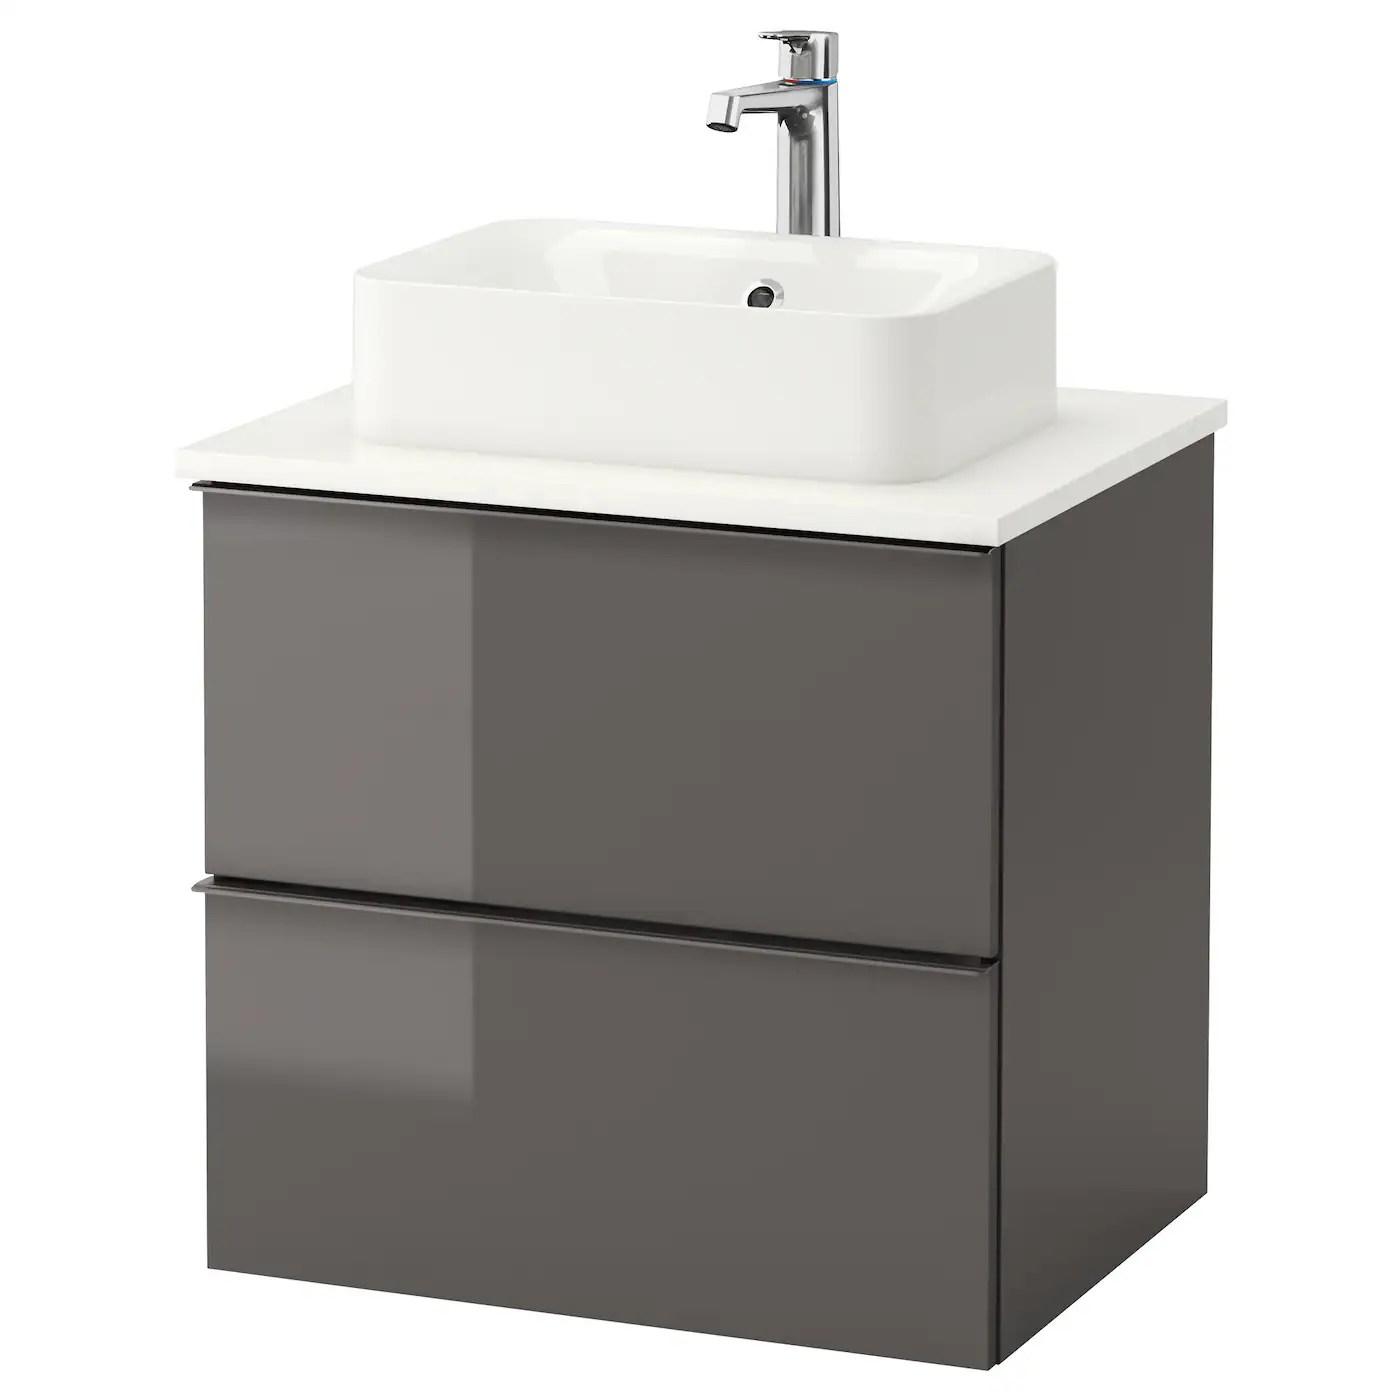 largeur minimum wc dans salle de bain largeur salle vasques faible double vasque minimum bain. Black Bedroom Furniture Sets. Home Design Ideas